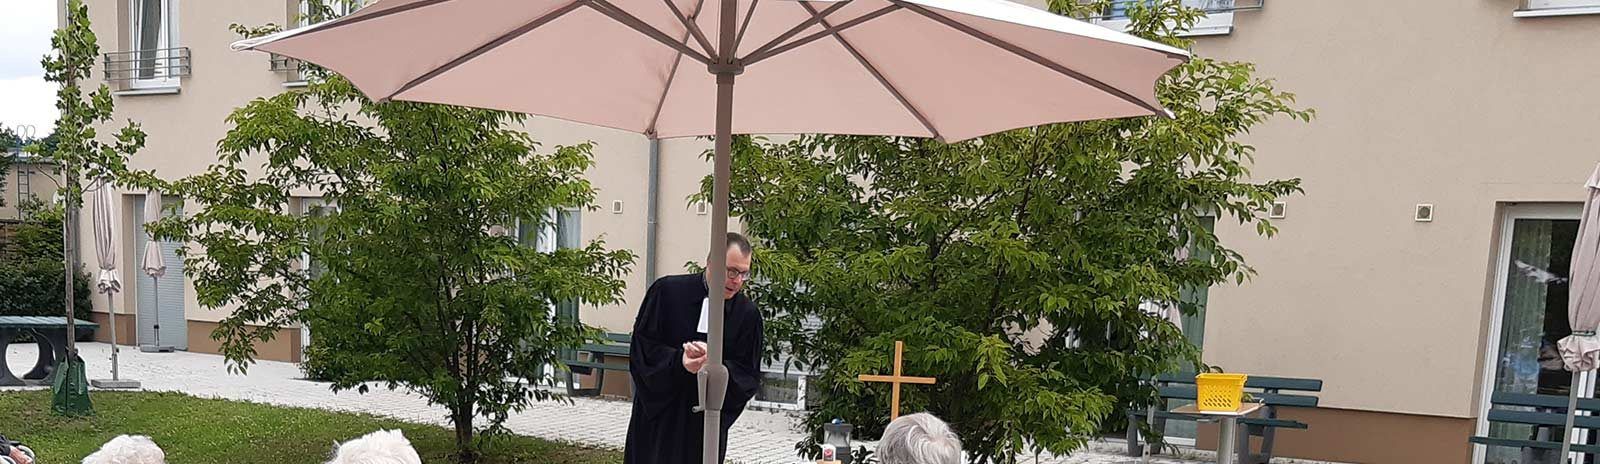 Haus-an-der-Rossel_Gottesdienst_slider